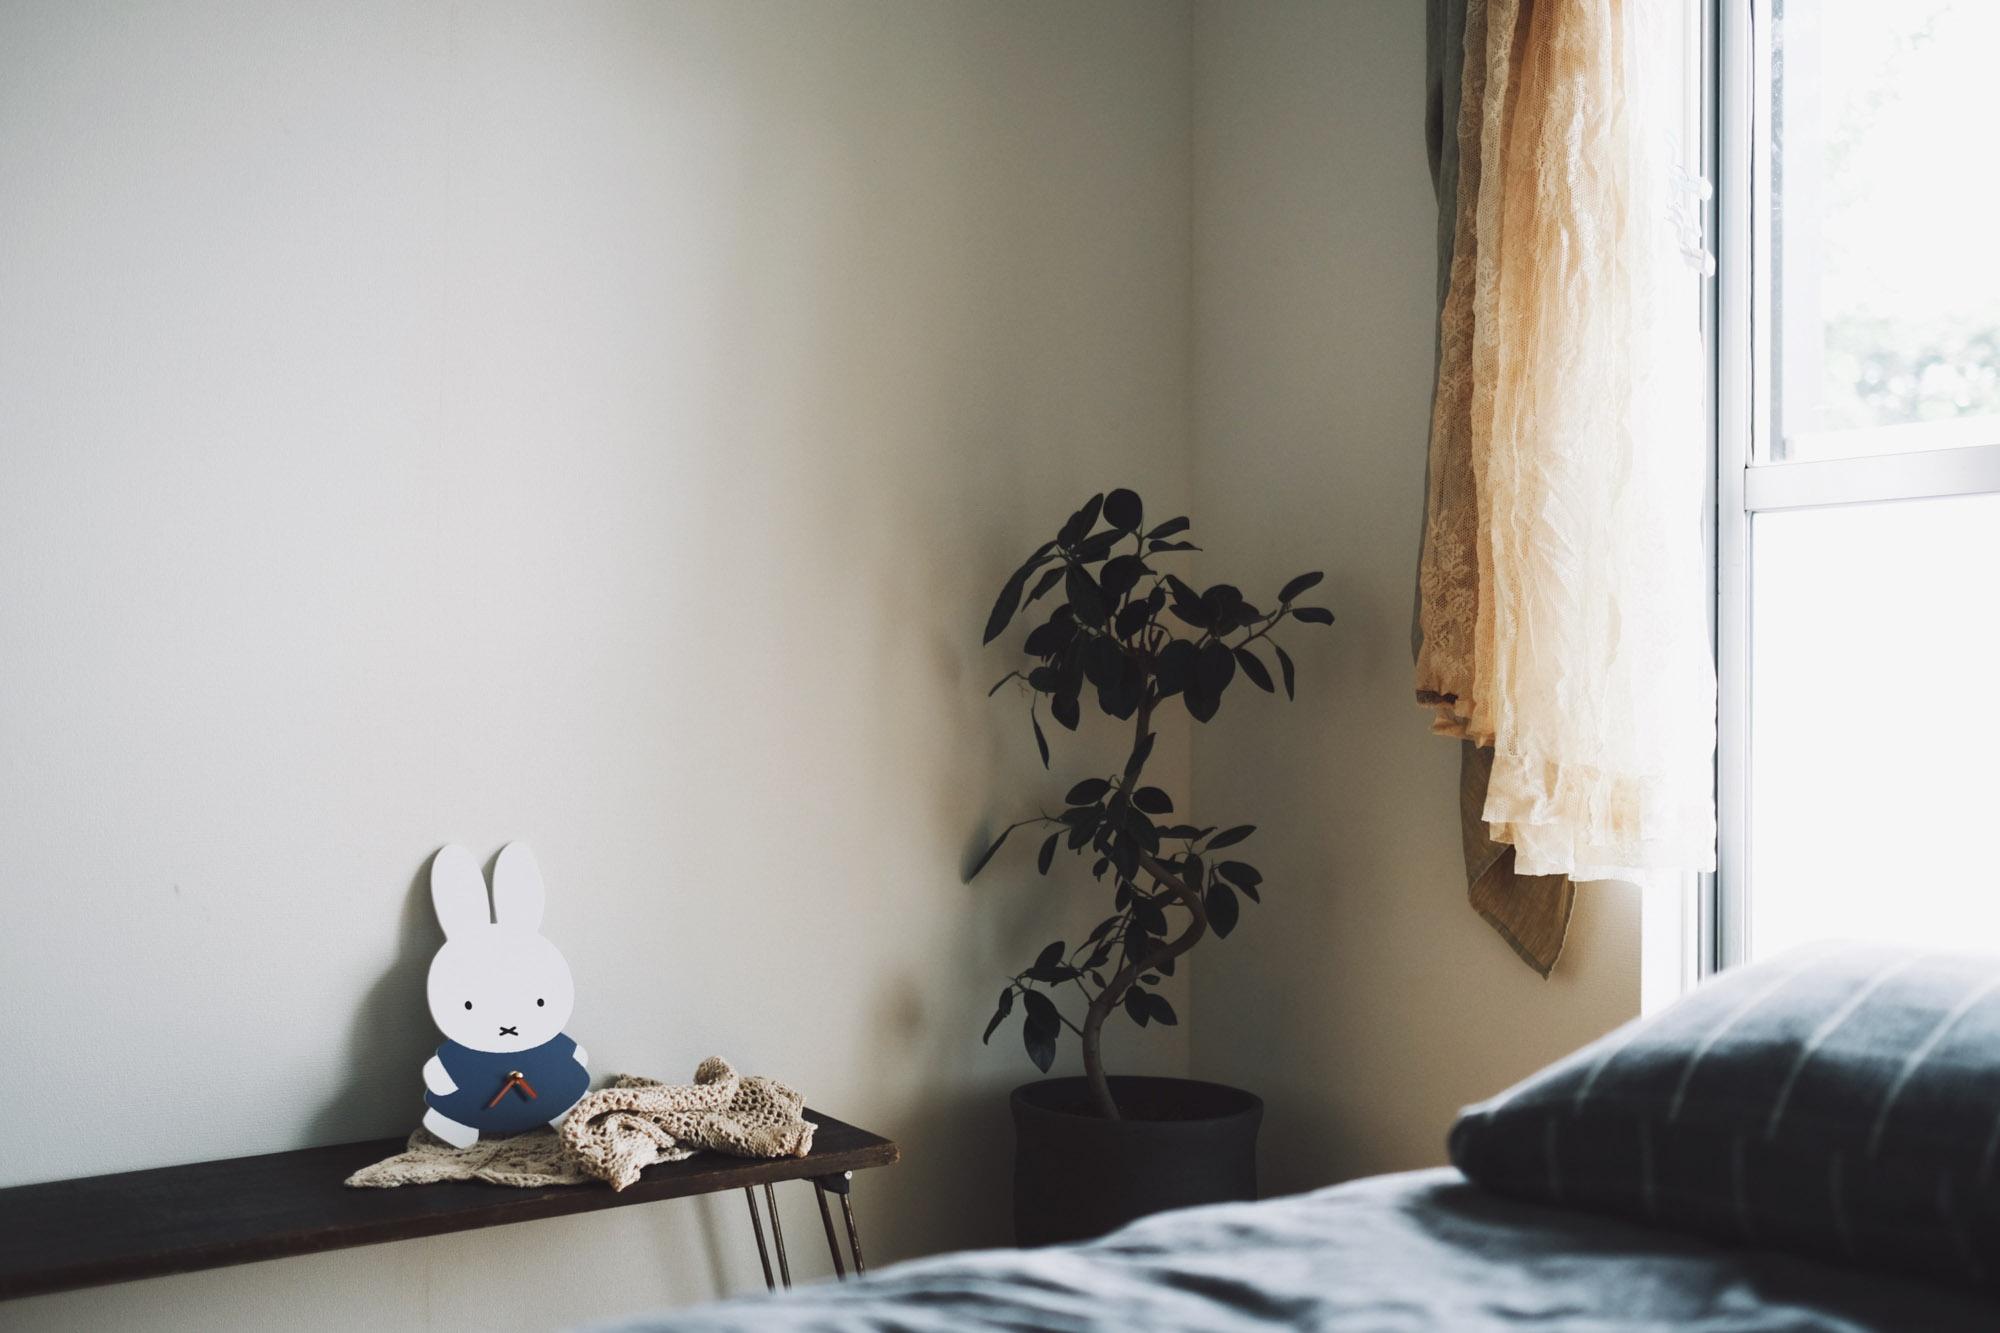 そして、お部屋のいろいろな場所にグリーンも欠かせません。風も光もよく入るお部屋だから、グリーンもよく似合います。